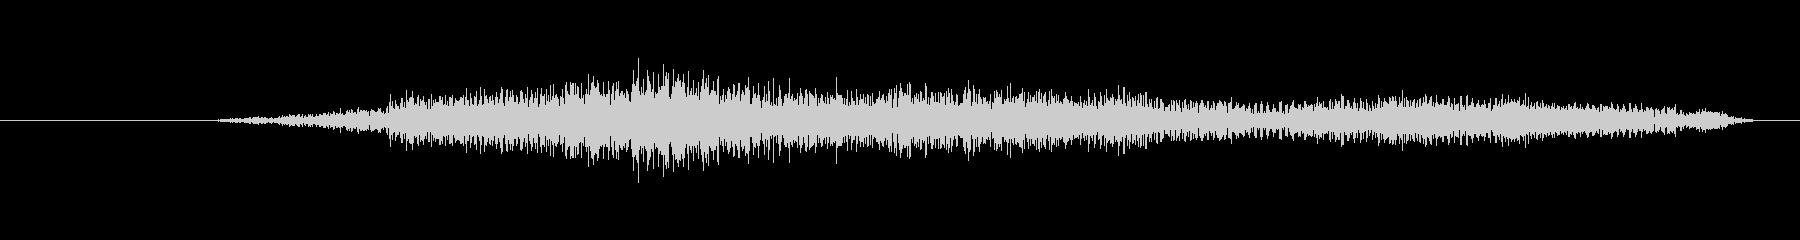 鳴き声 リトルガールドリーミー03の未再生の波形